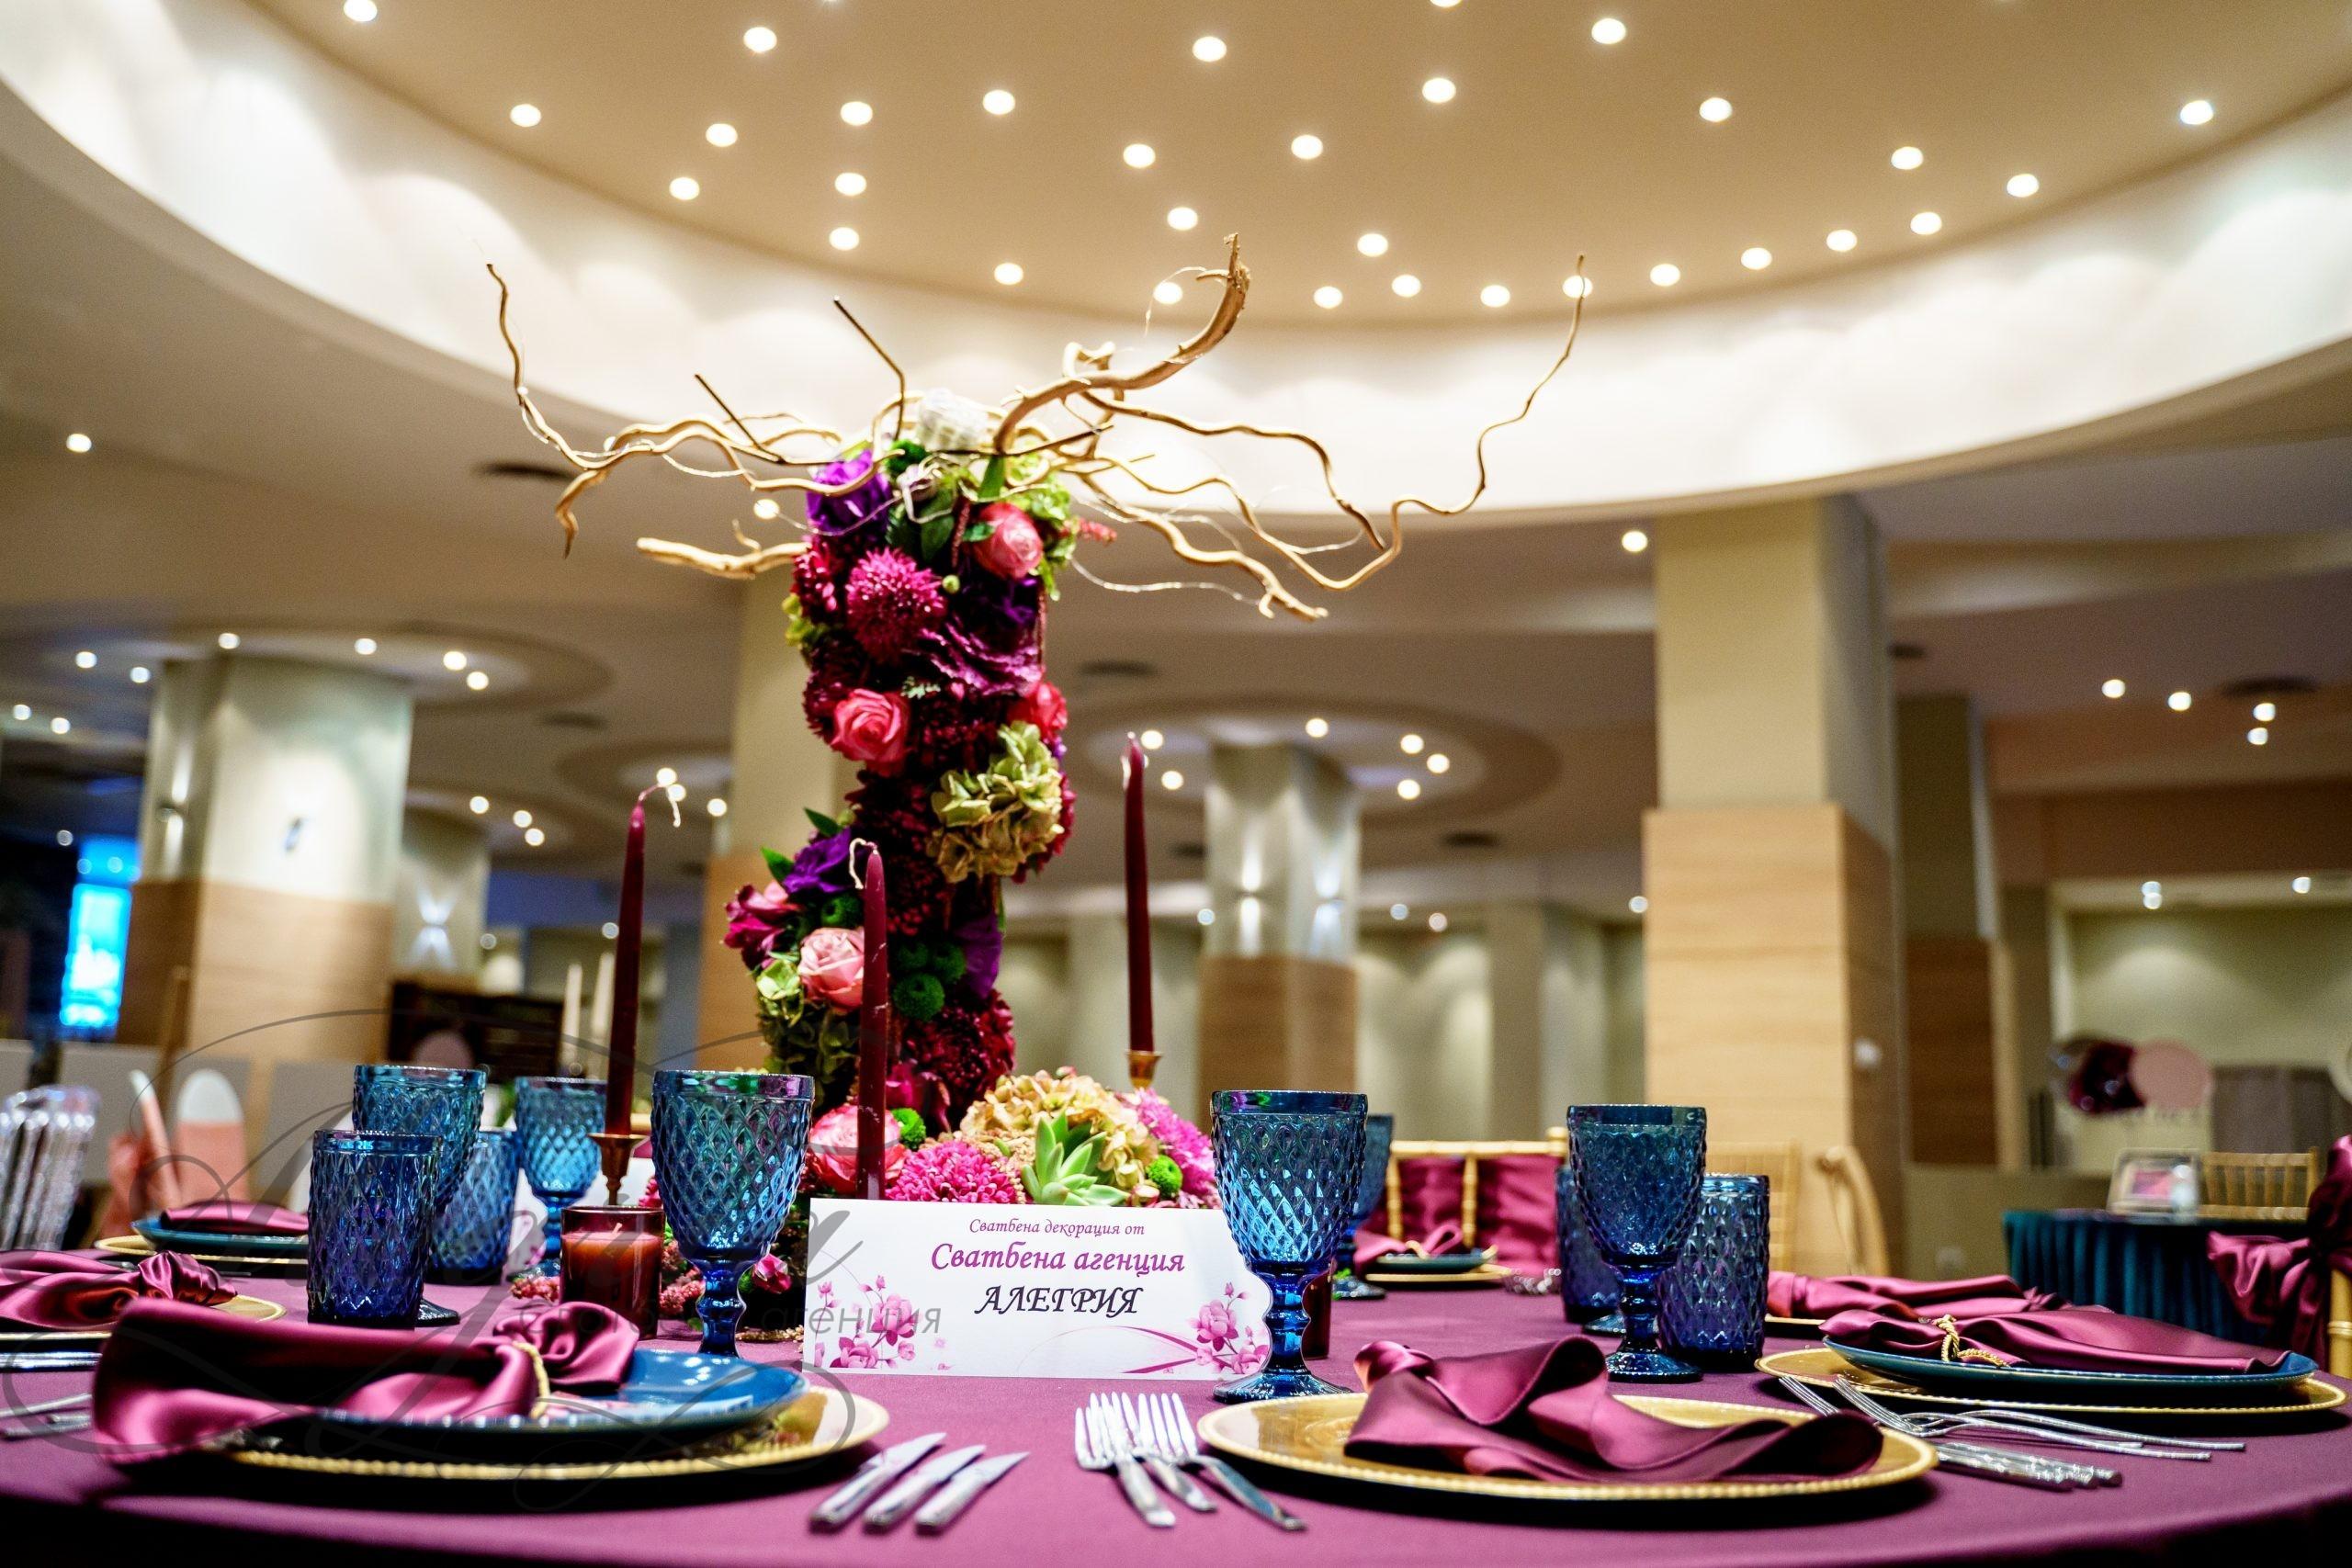 Сватбена декорация в хотел Експо